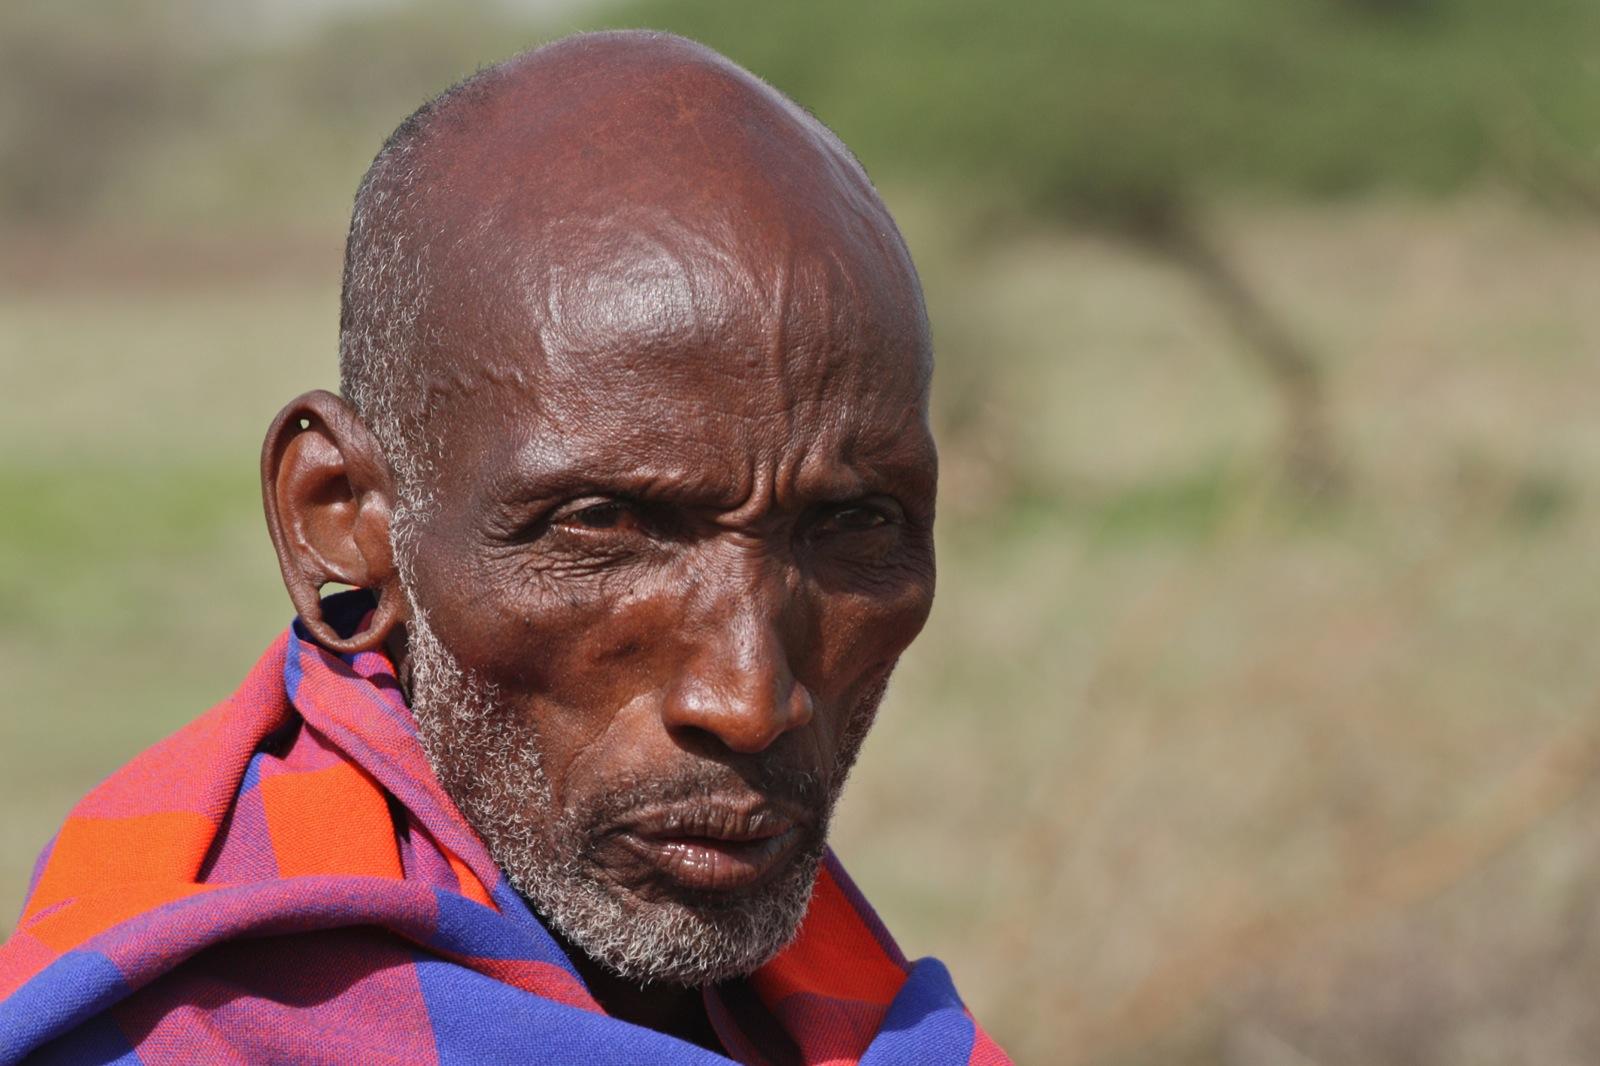 Фото африканских негров 2 фотография